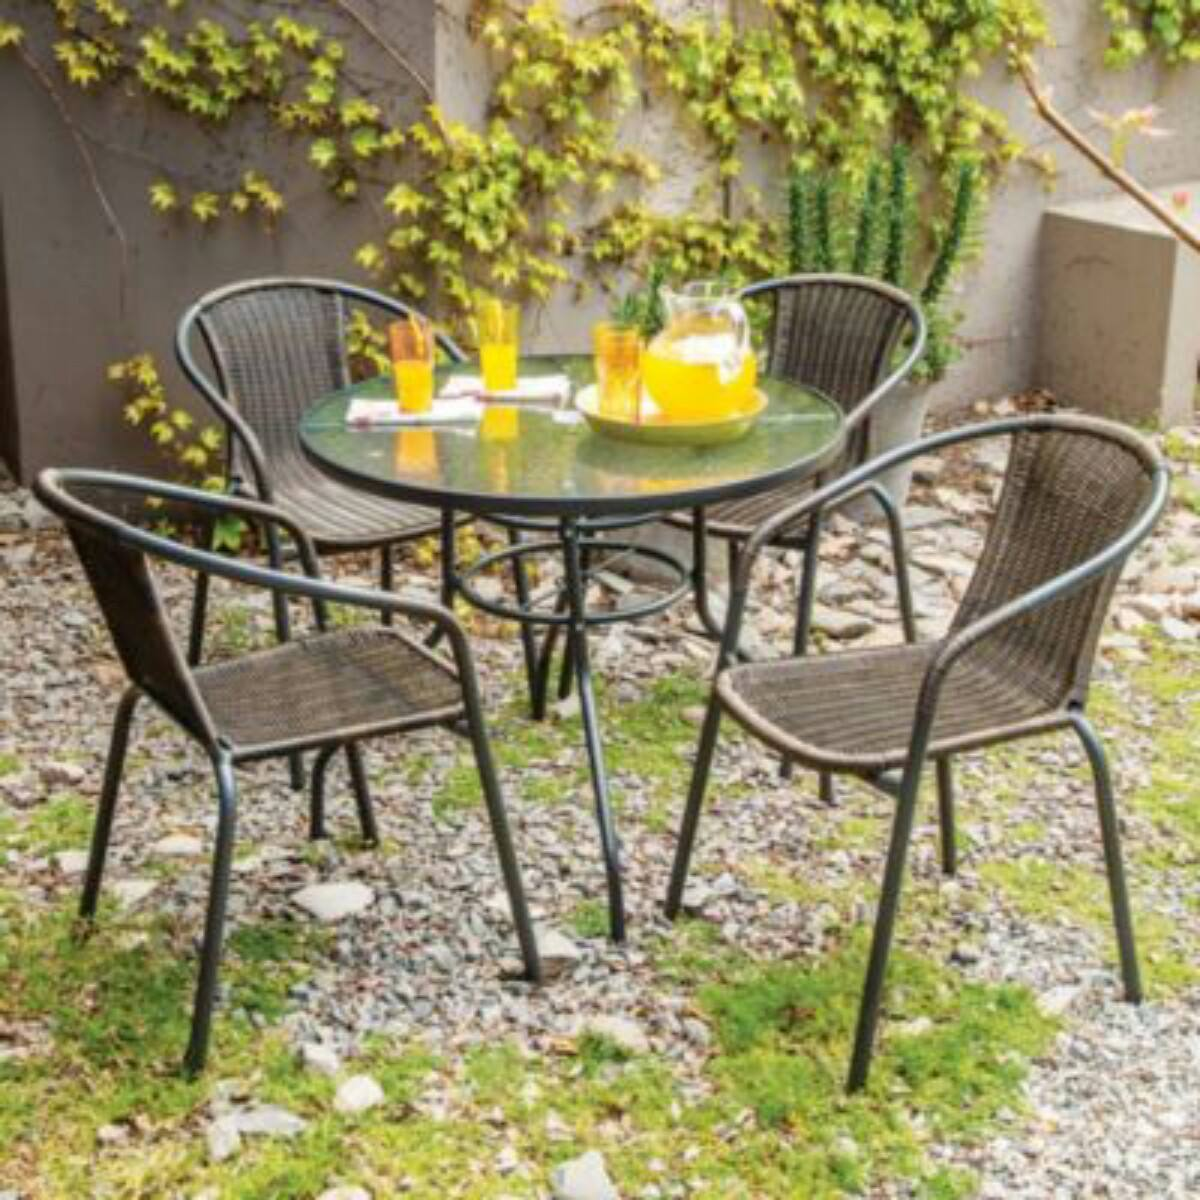 Stunning juegos de jardin coto ideas amazing house - Muebles de jardin ...